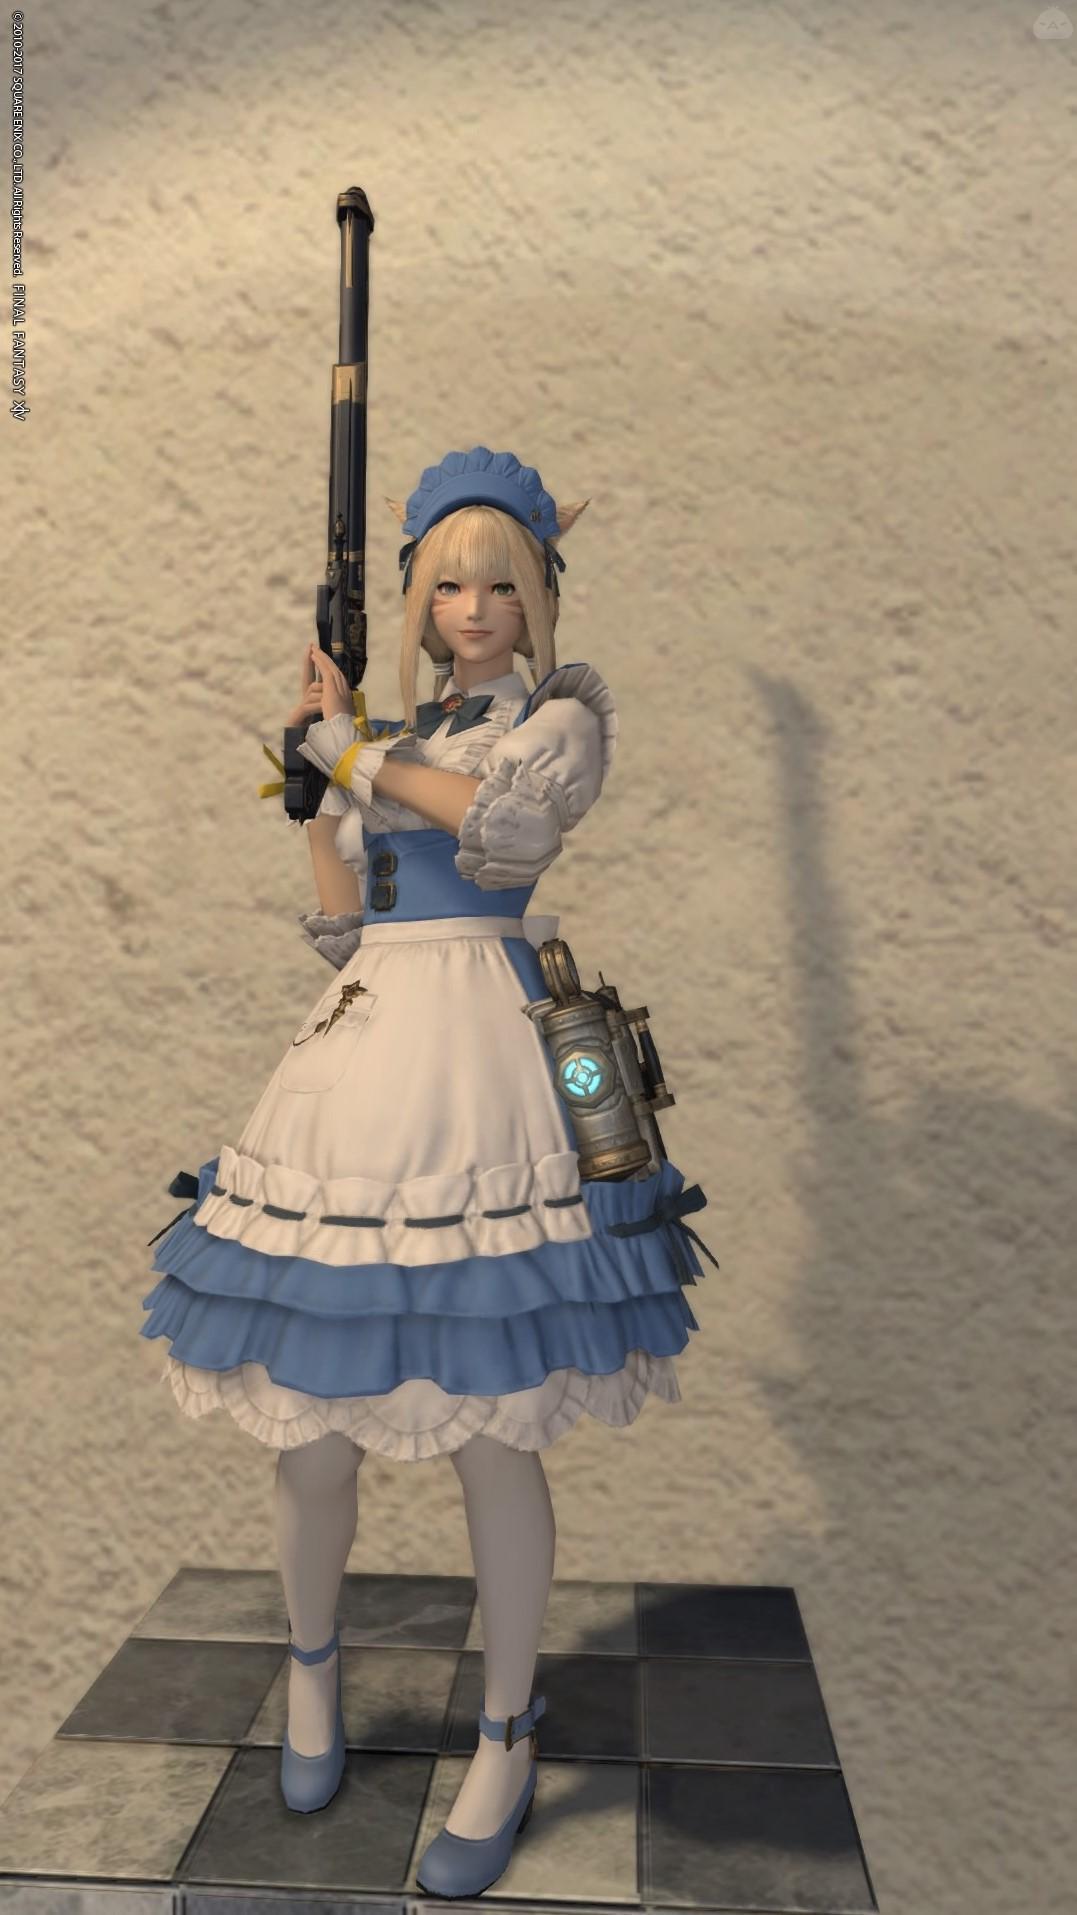 【ラプトルブルー】メイド服と機関銃